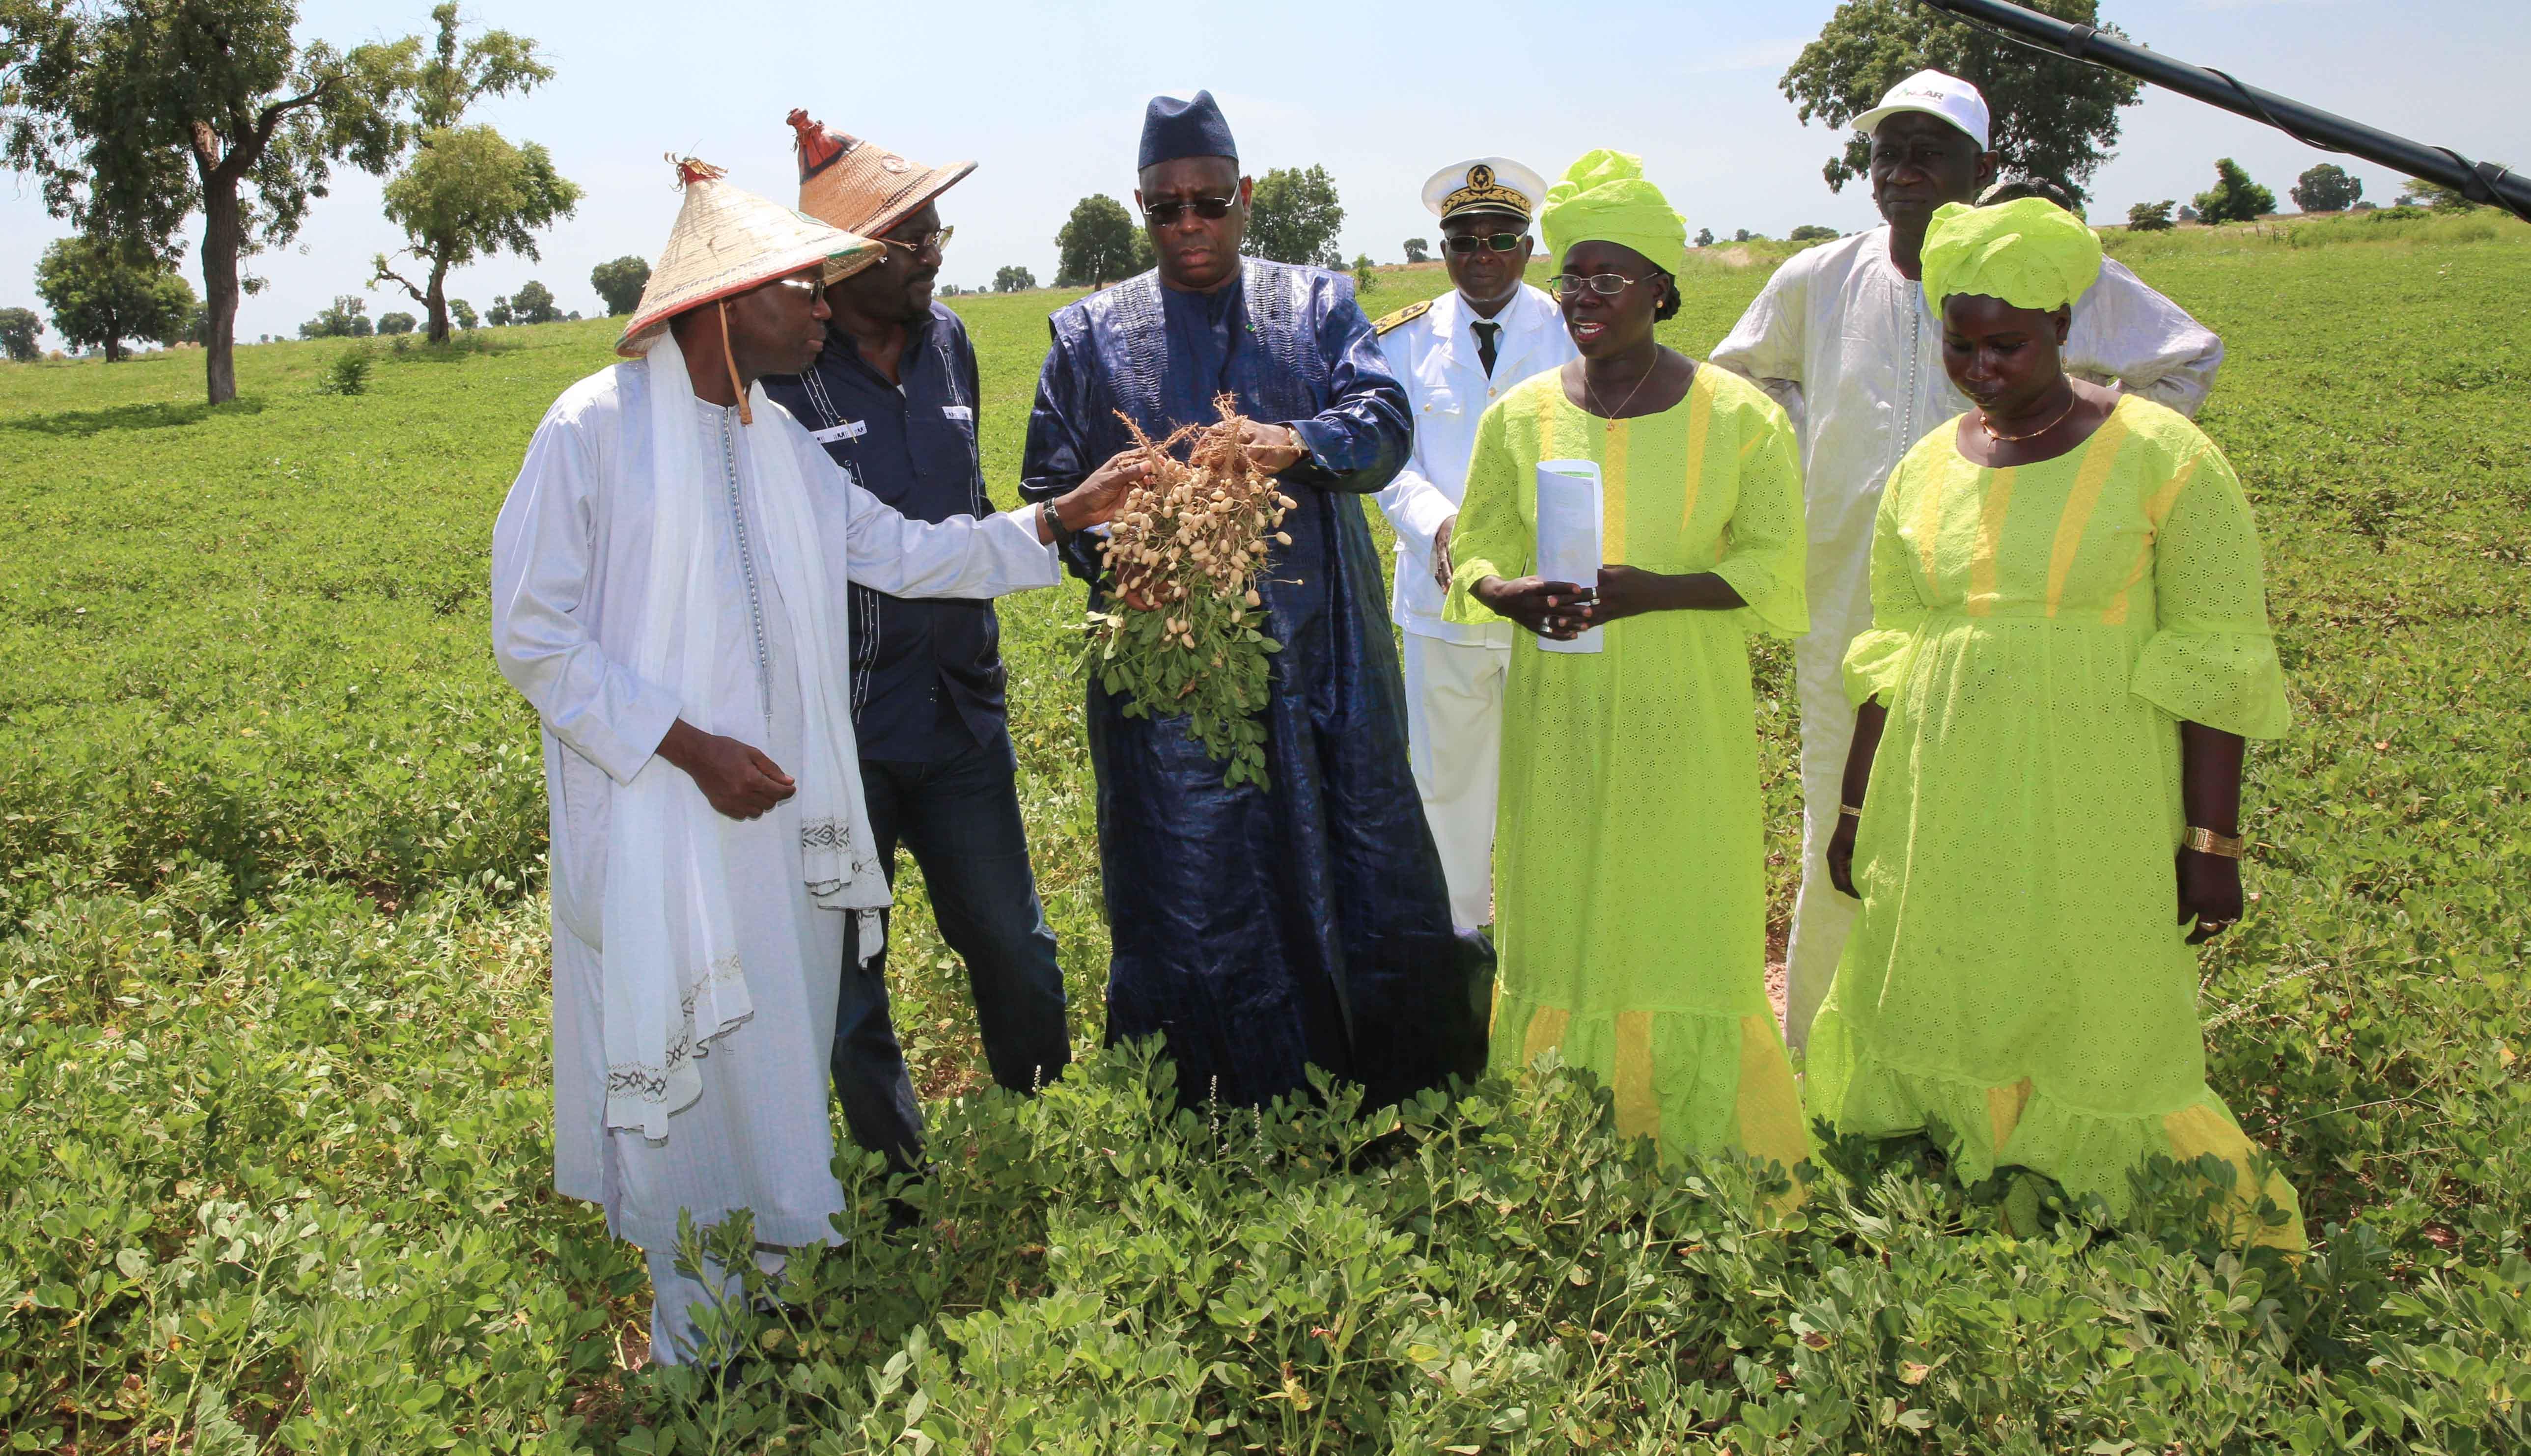 Le Président Sall démarre sa tournée économique et agricole avec des promesses fortes en direction des femmes